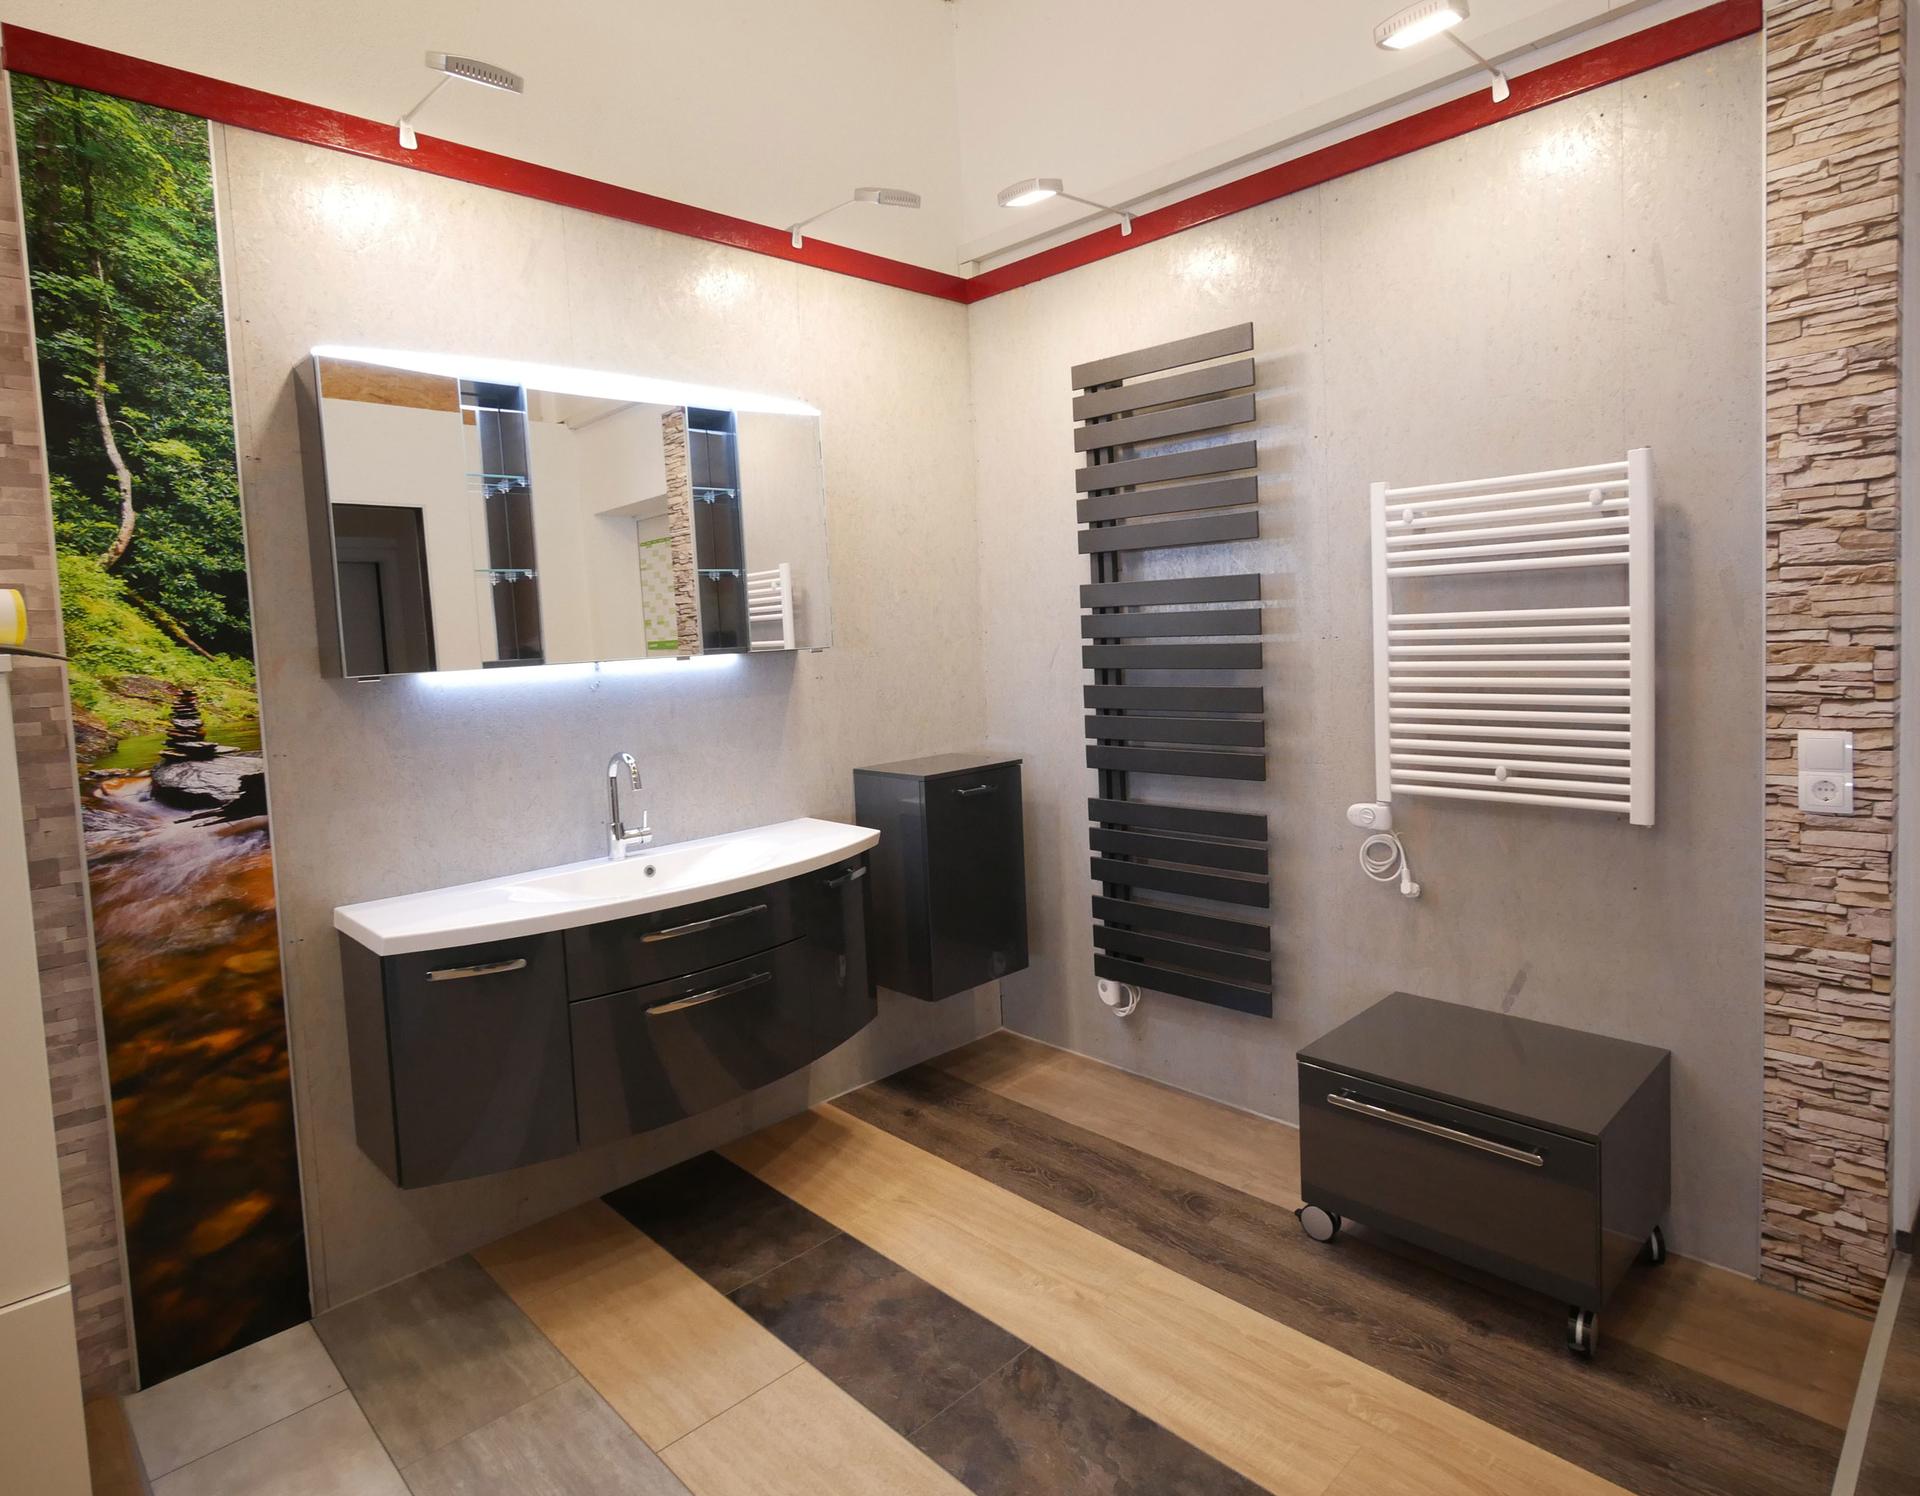 Badezimmer renoviert von VitaMonte GmbH in Salzburg